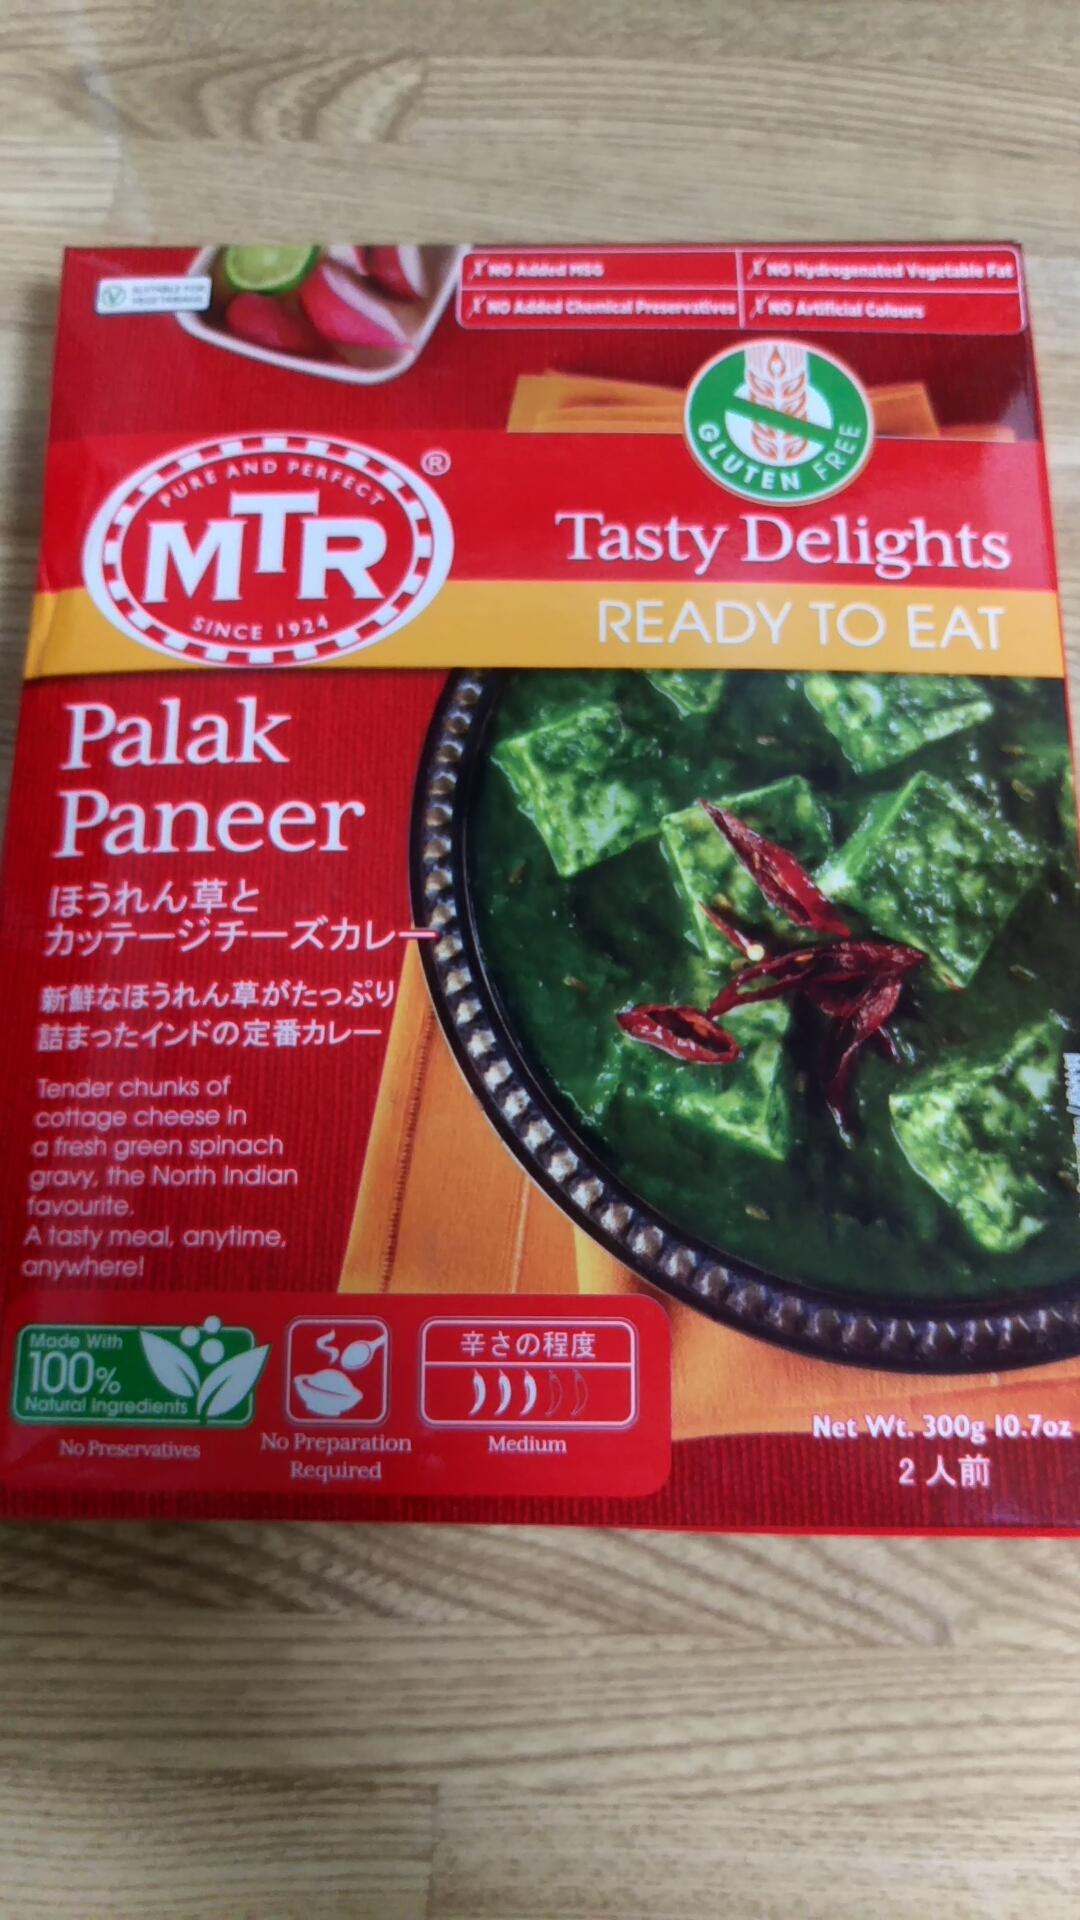 ほうれん草とカッテージチーズカレーのレトルト MTR社製